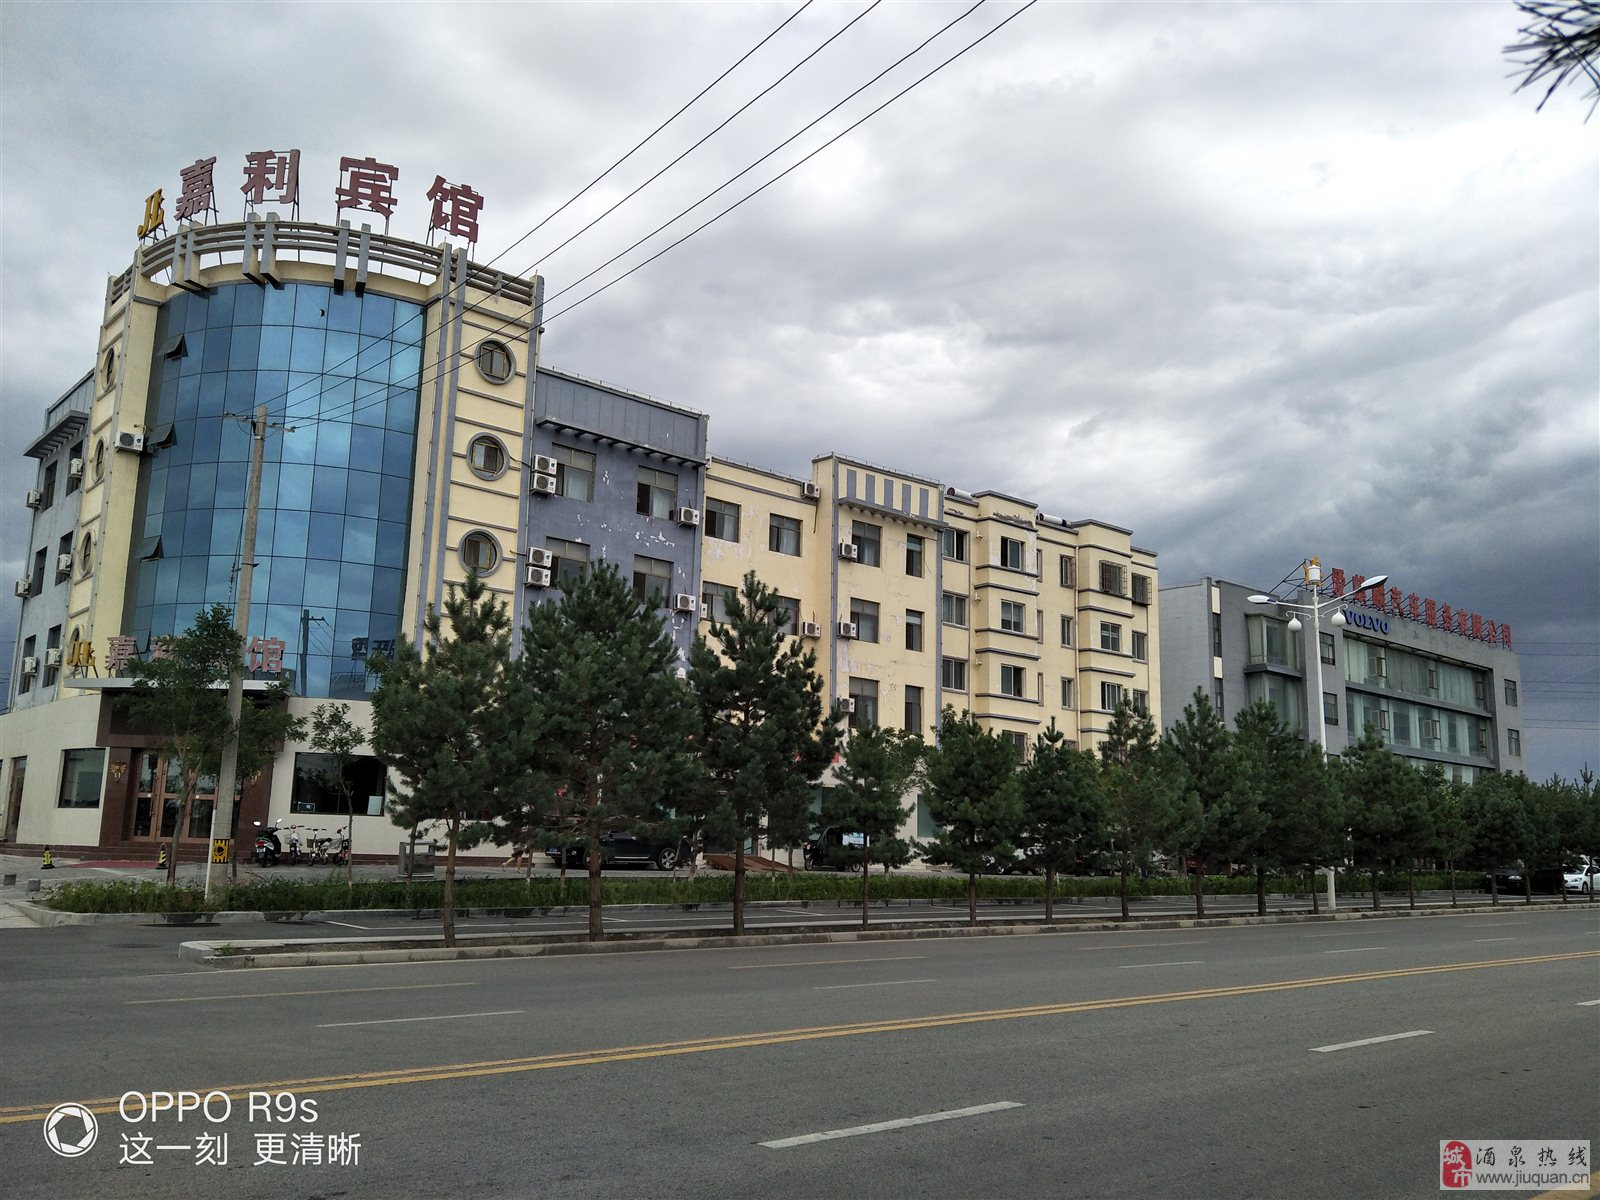 有新房急售,距电厂冶金学院党校较近酒嘉公交站百米。